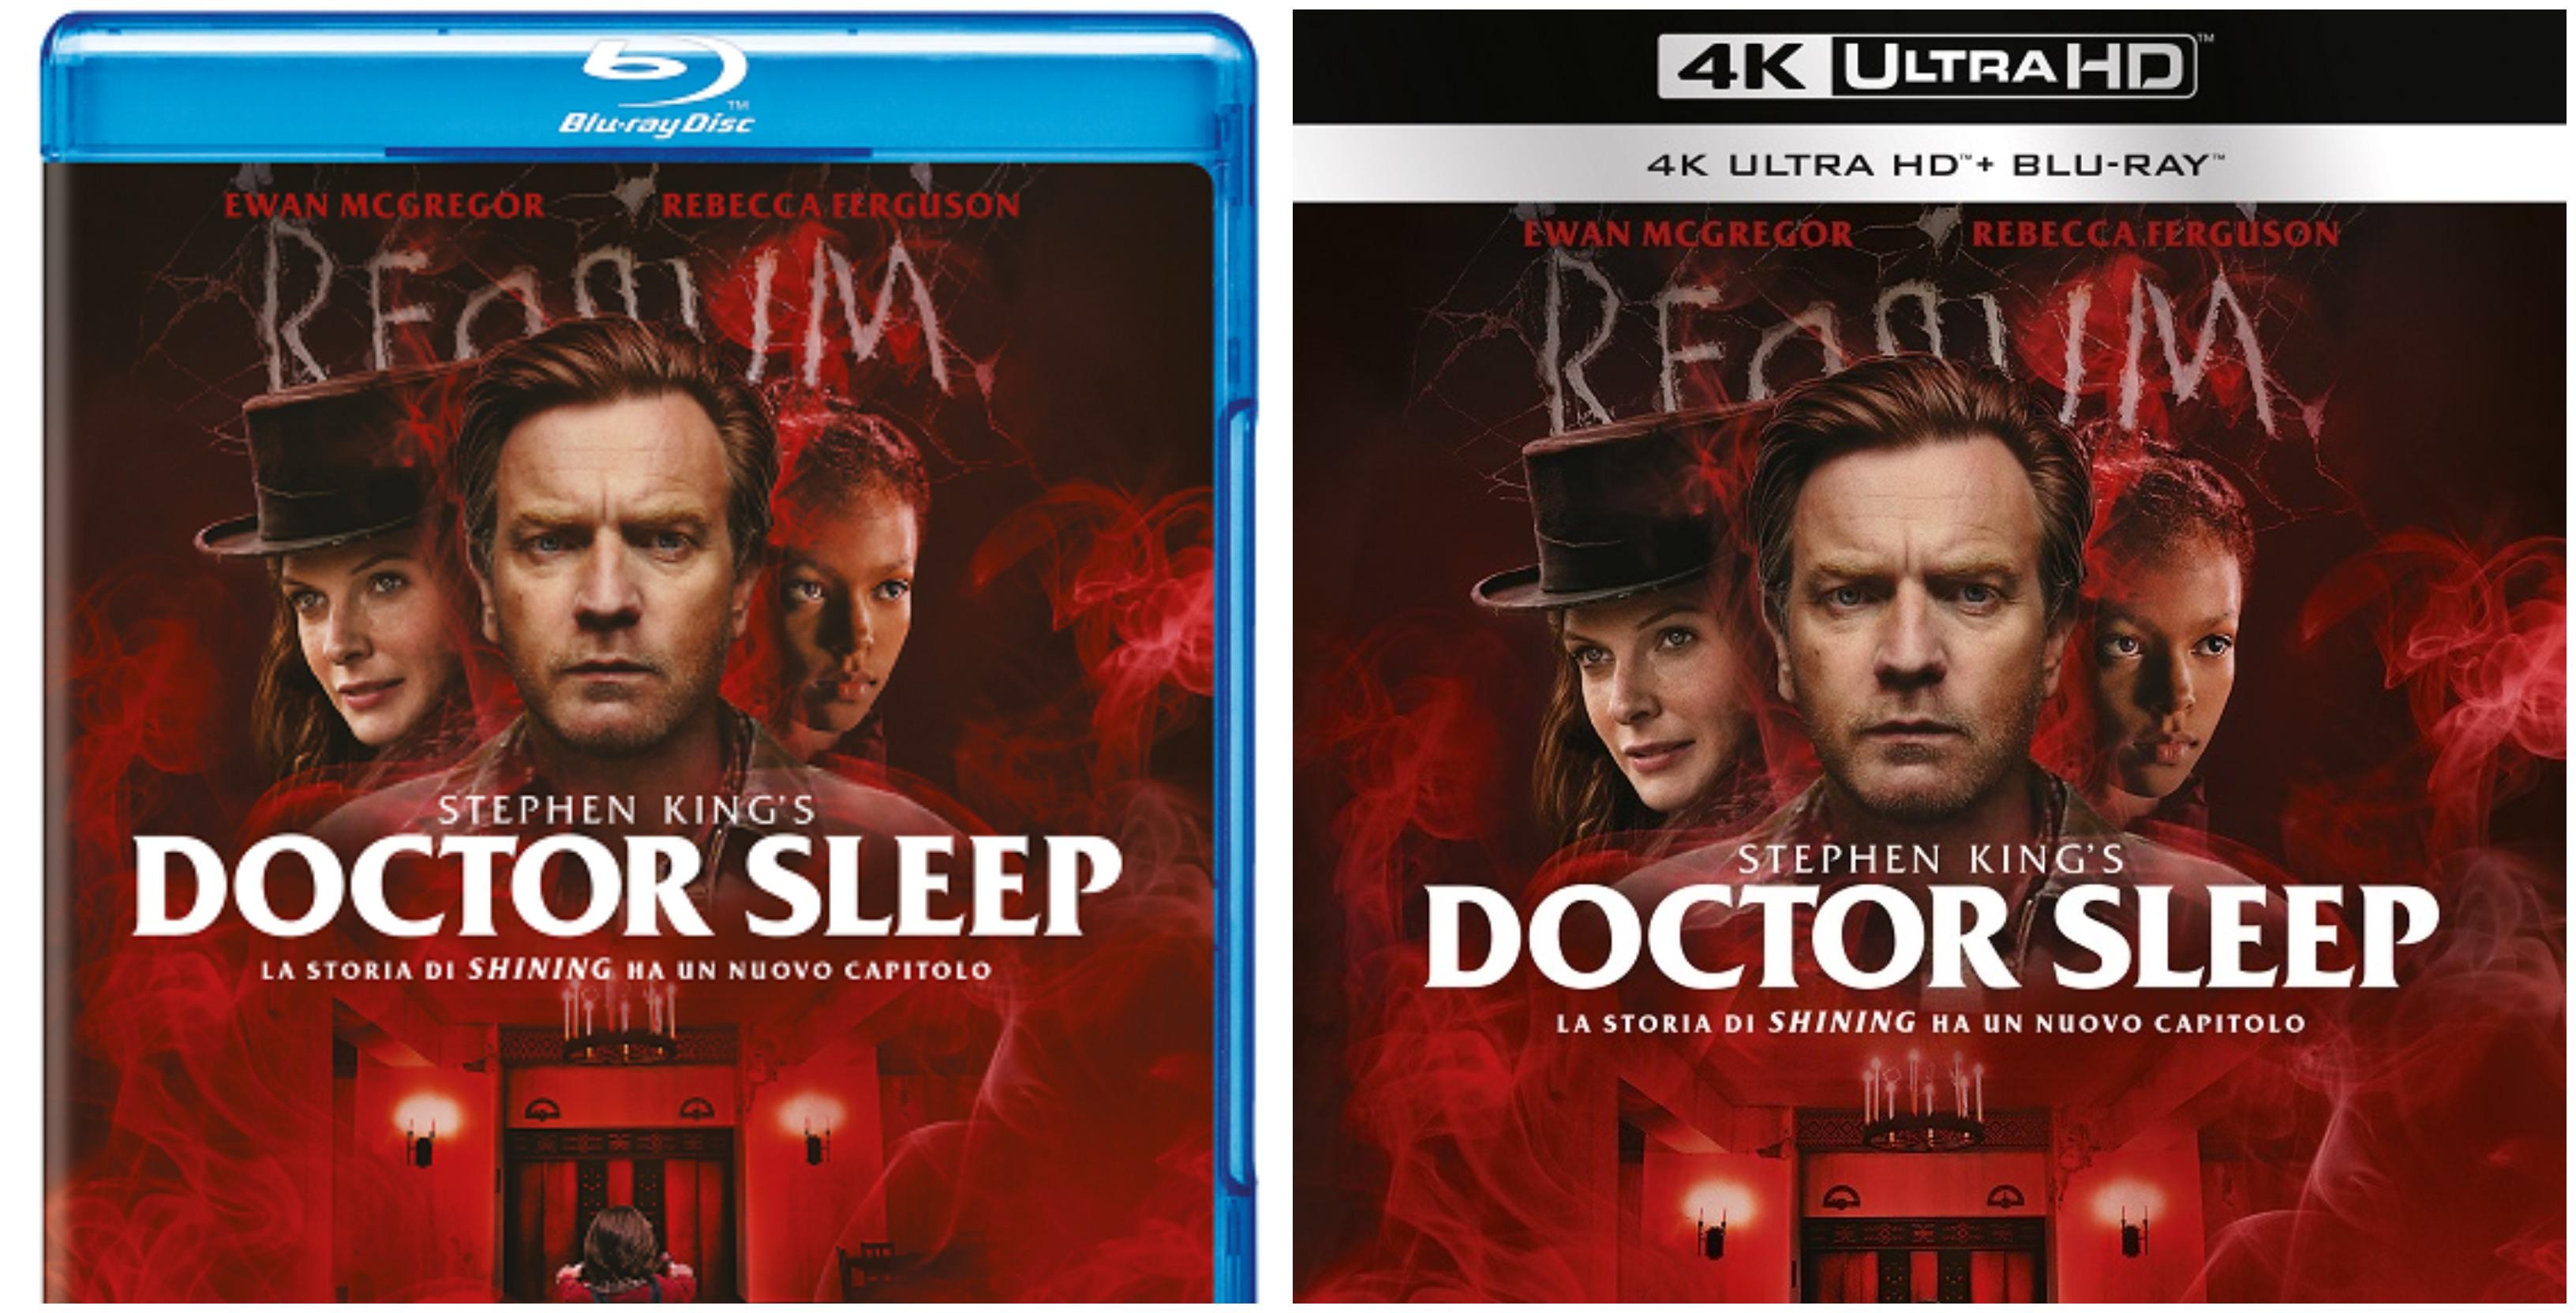 Doctor Sleep – il sequel di Shining arriva in DVD, Blu-Ray e 4K UHD con tanti contenuti inediti